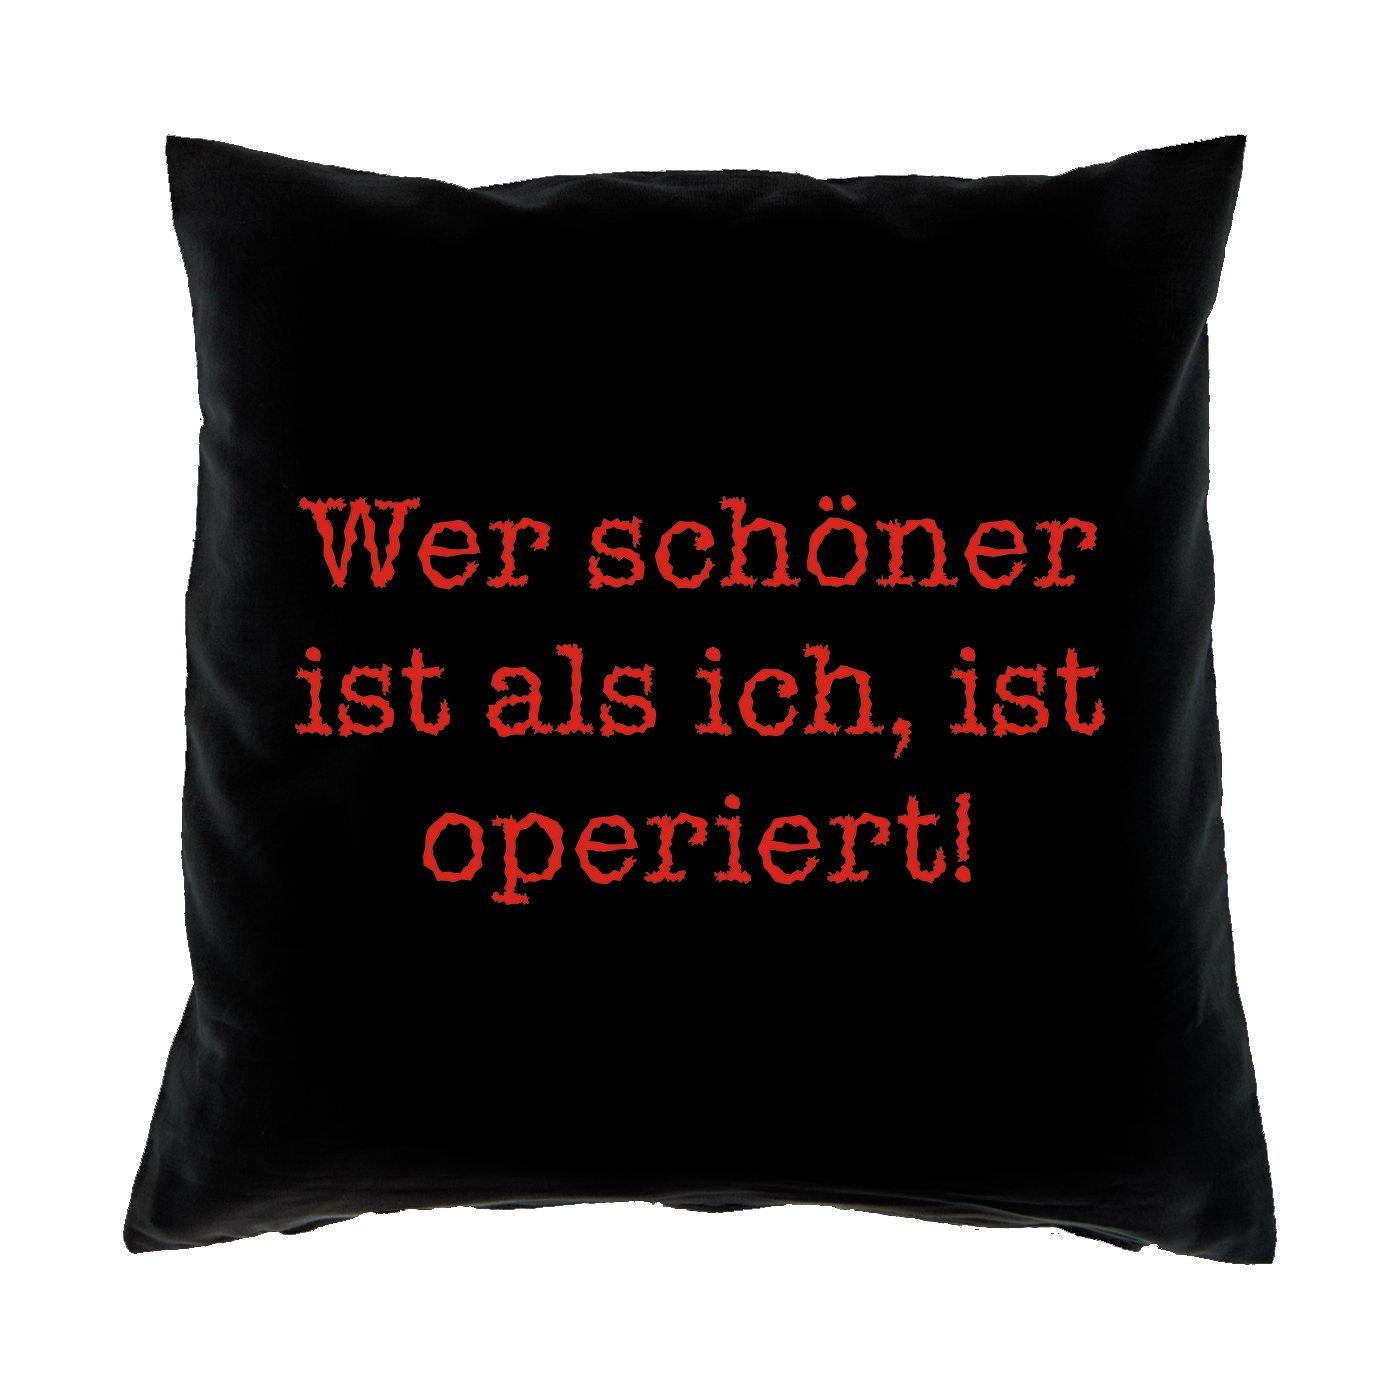 Sofa Fun Kissen mit Füllung – Motiv: Wer schöner ist als ich, ist operiert! online bestellen